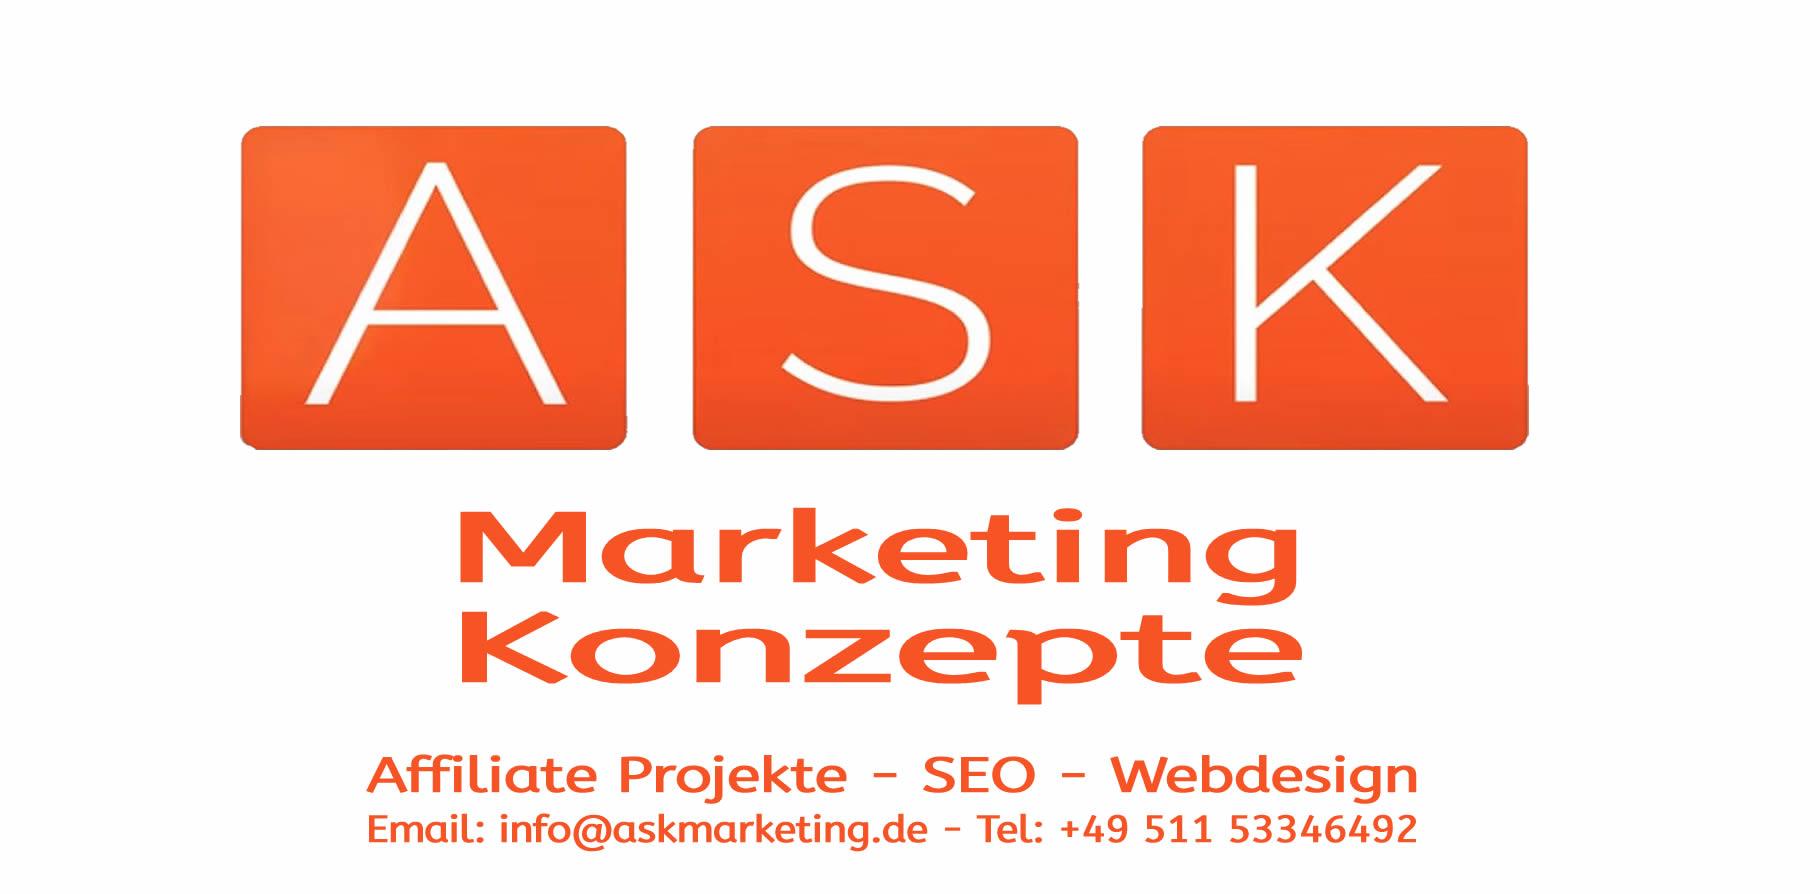 ASK Marketing Internet Vermarktung Hannover.